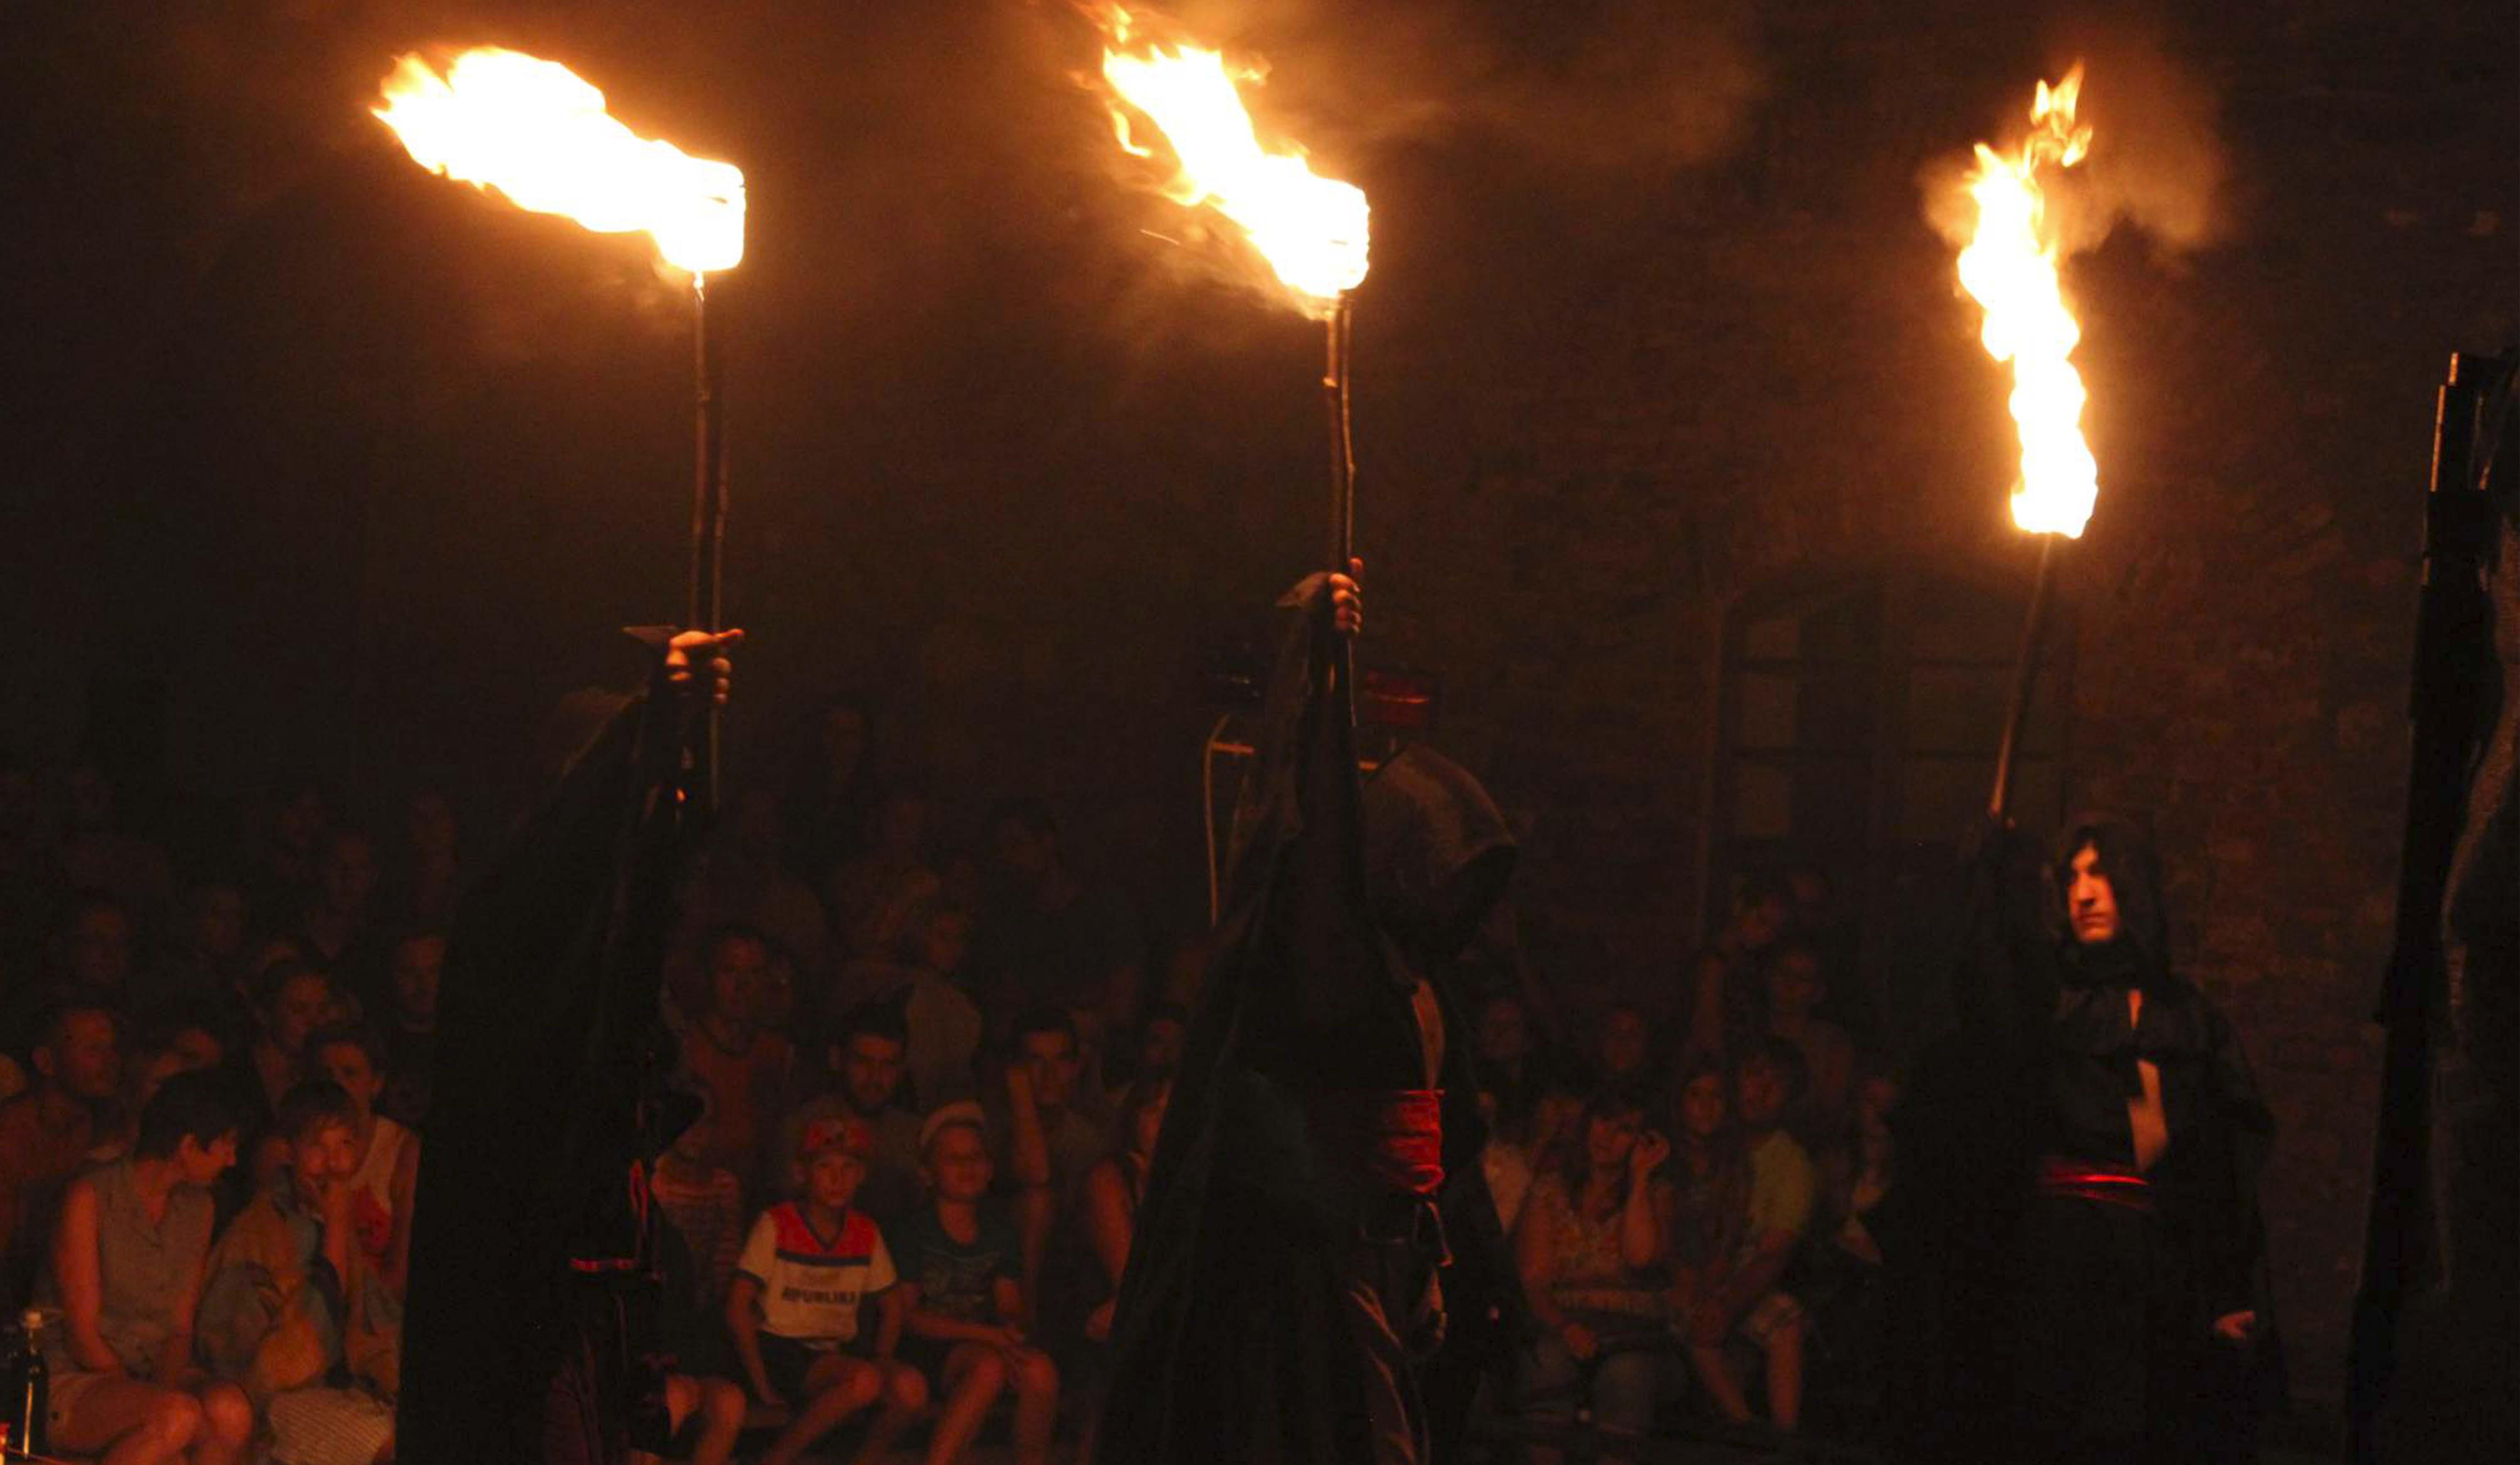 Ohňová show - Obrazok 10